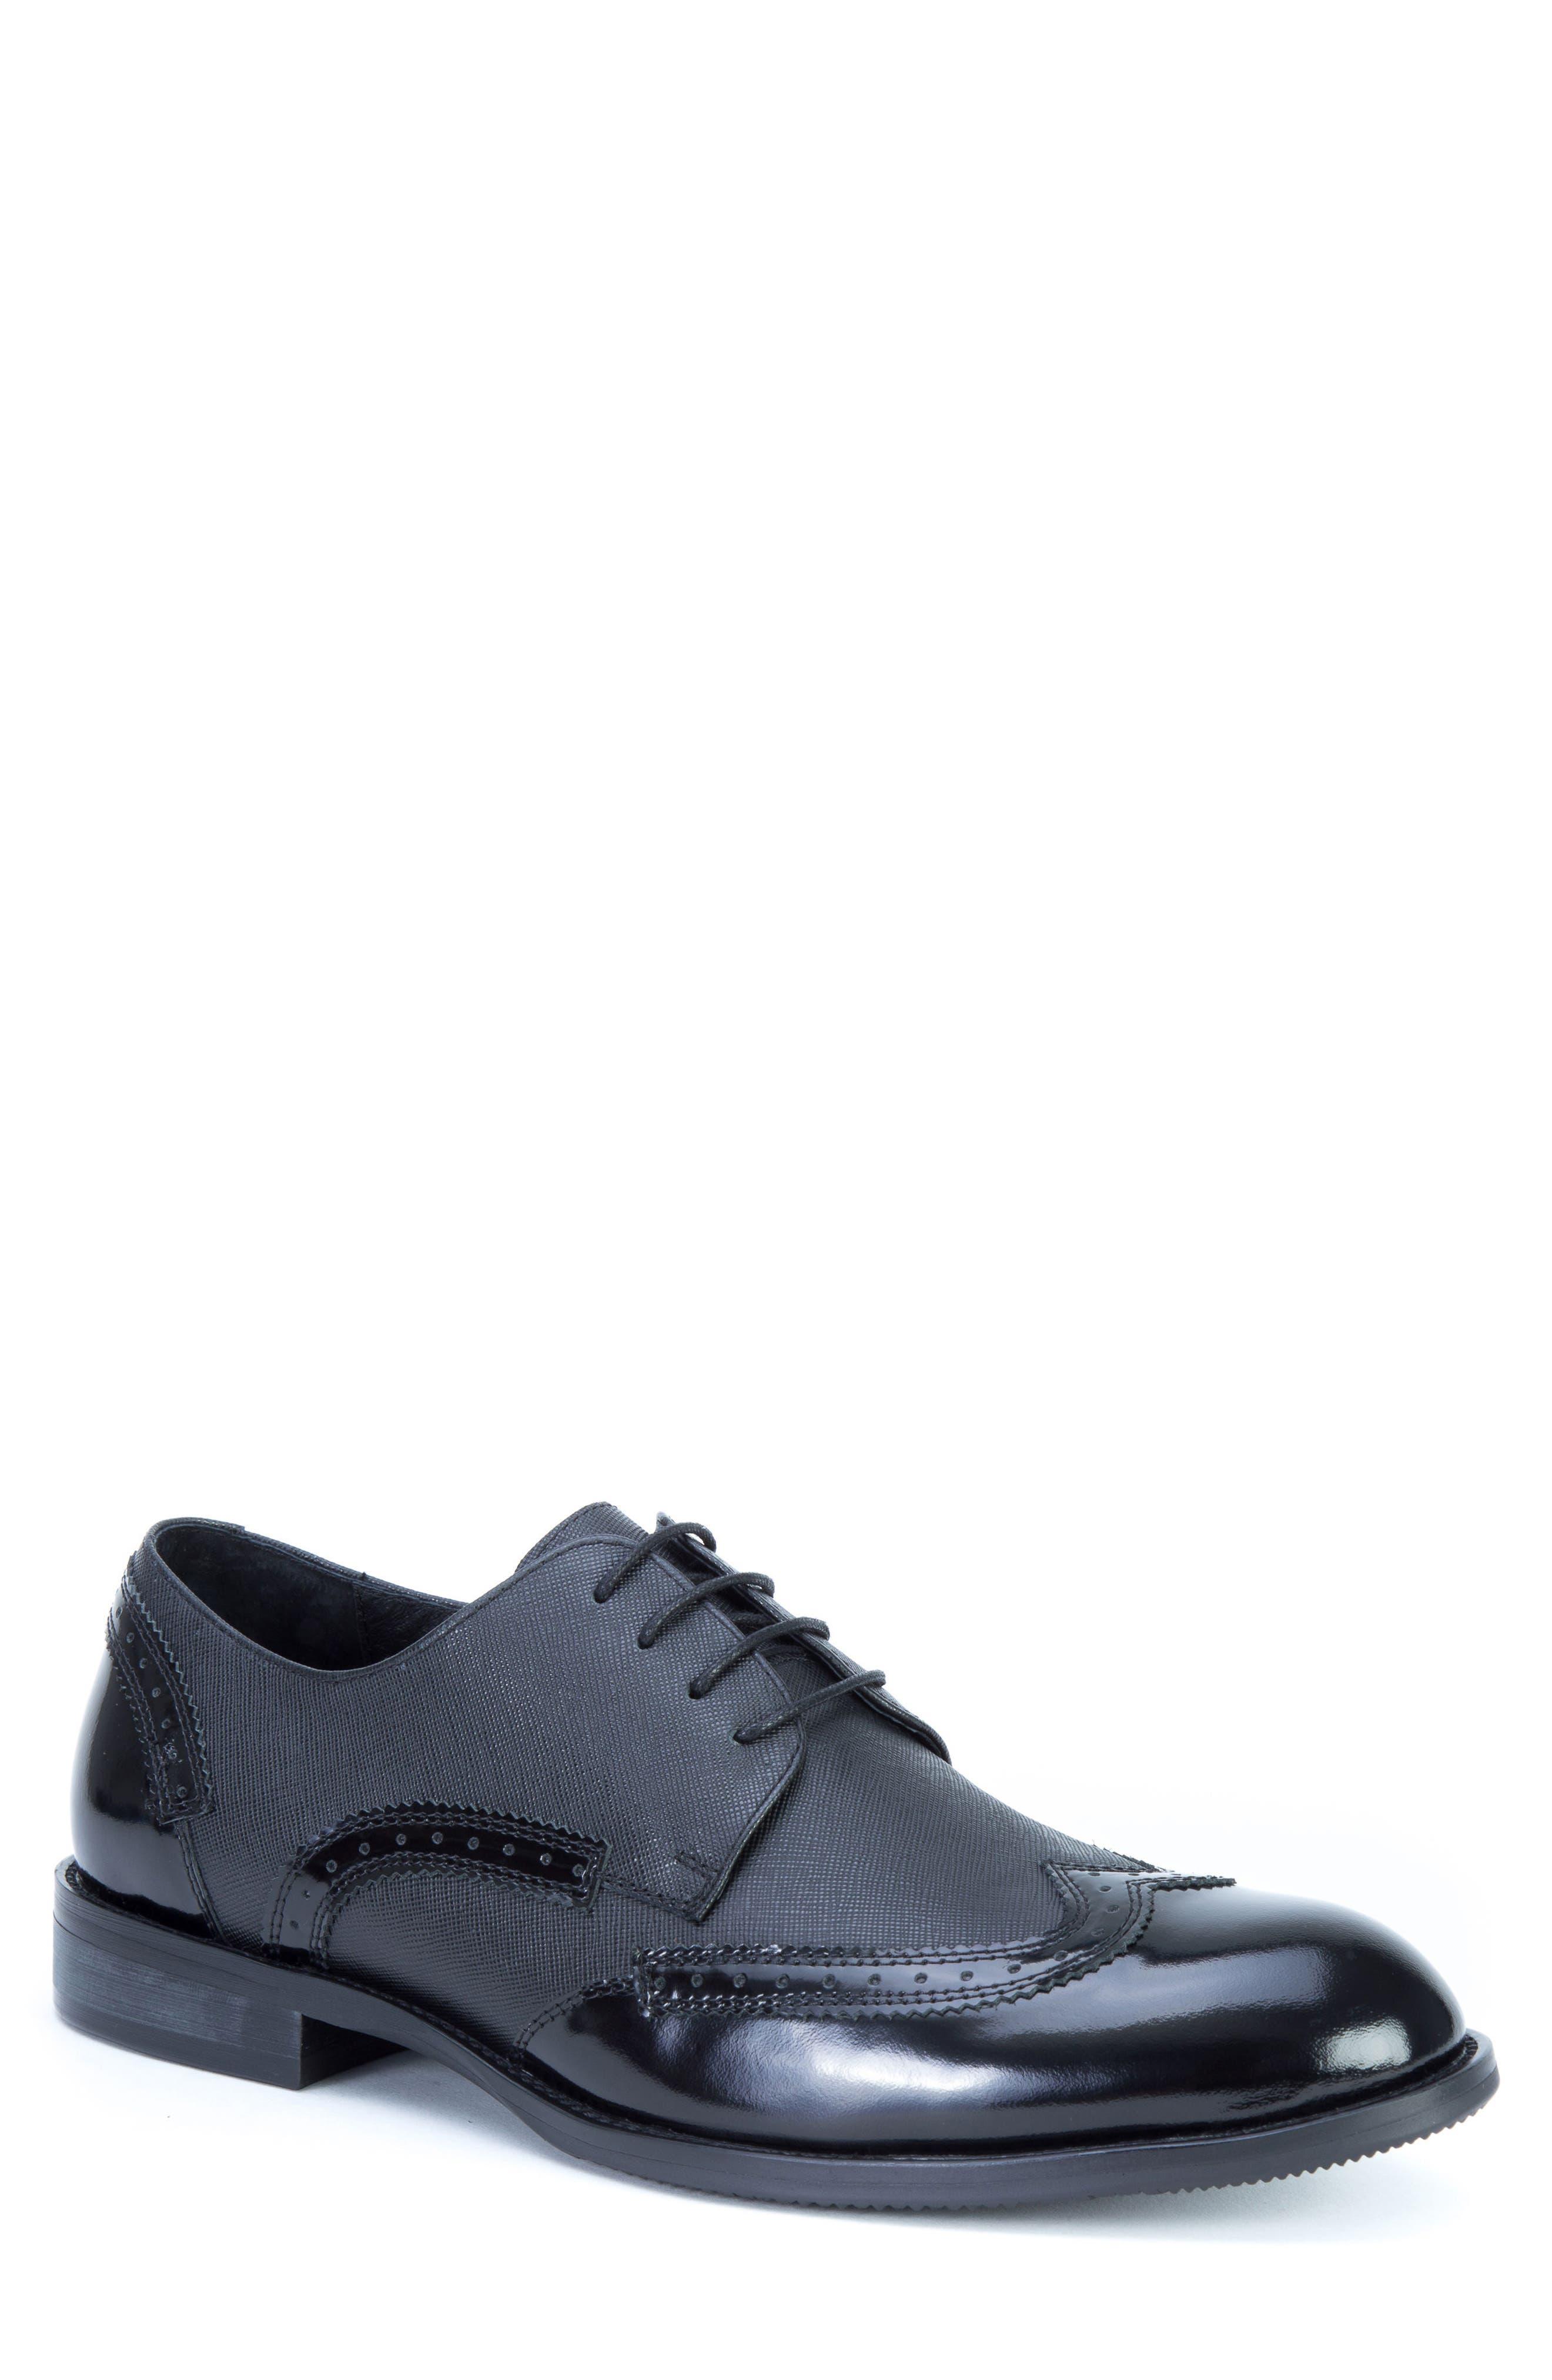 Zanzara Degas Spectator Shoe (Men)